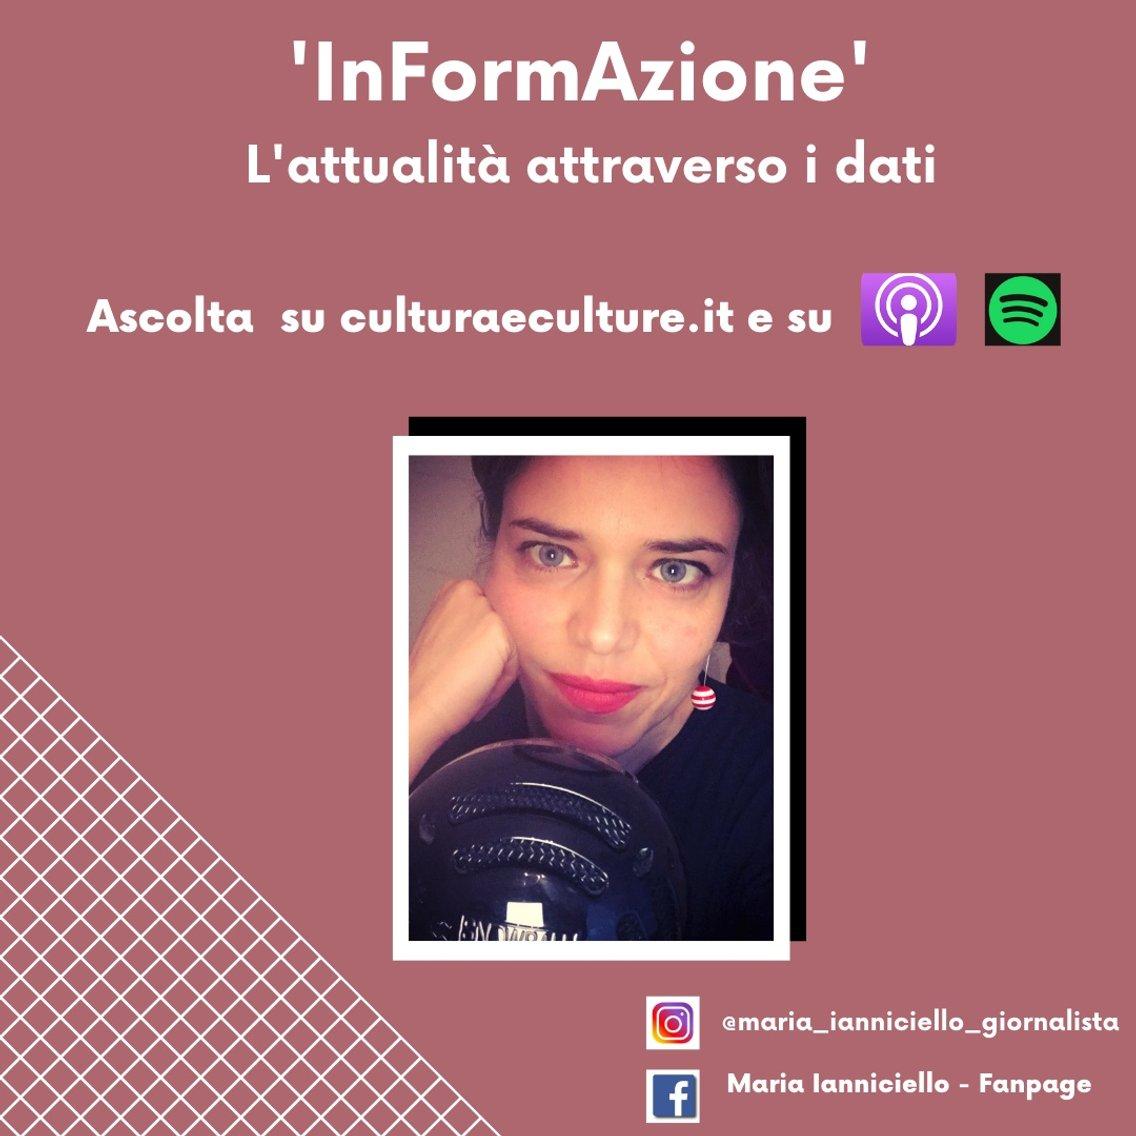 InFormAzione - Podcast di attualità - imagen de portada